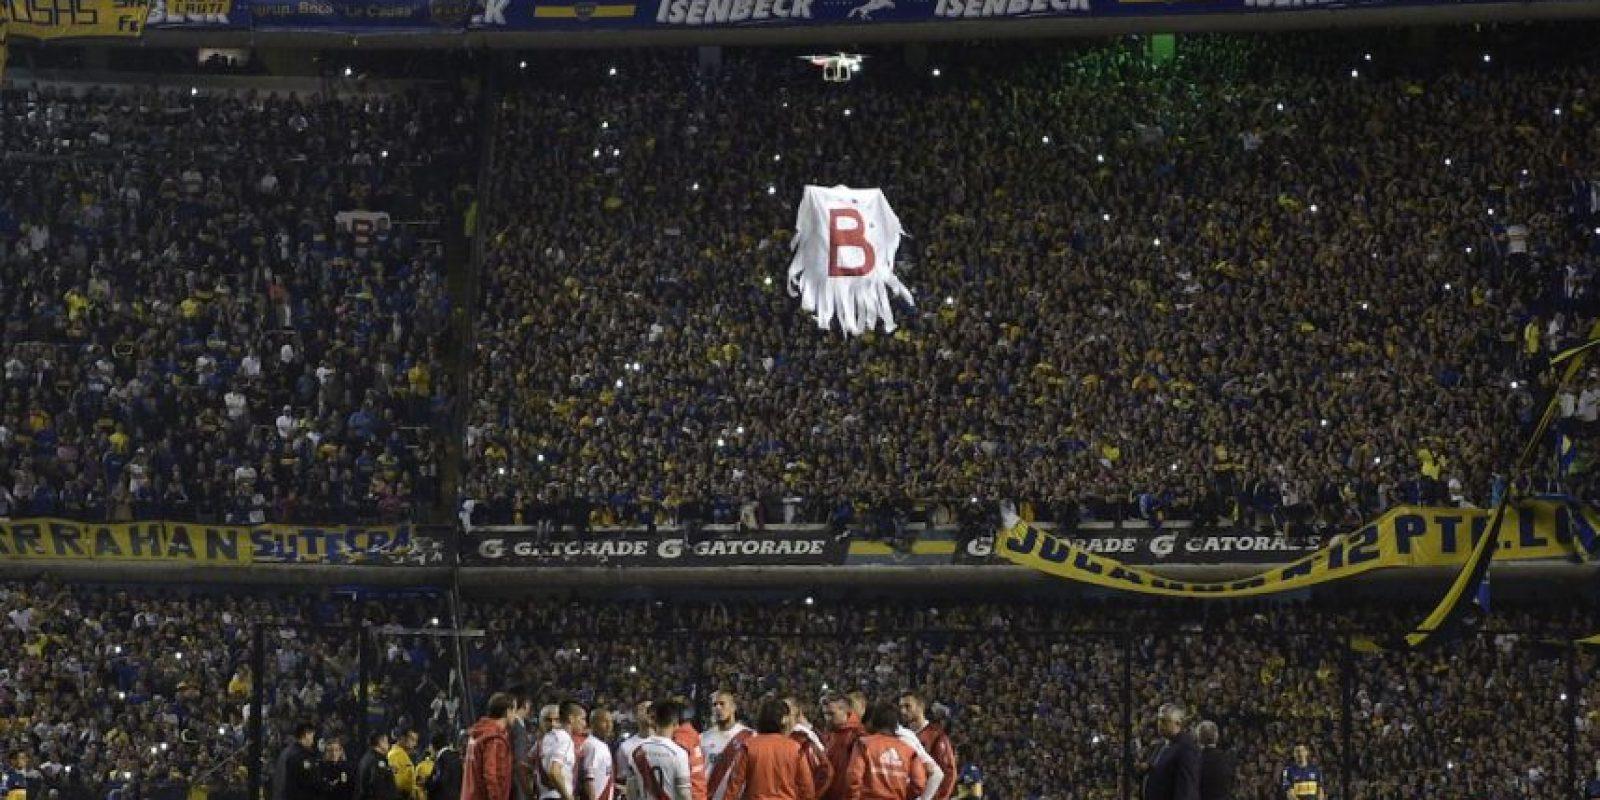 """Aprovechando el paro, la afición """"xeneize"""" usó un dron para burlarse de River Plate haciendo volar el """"fantasma del descenso"""" por las gradas del estadio. Foto:AFP"""